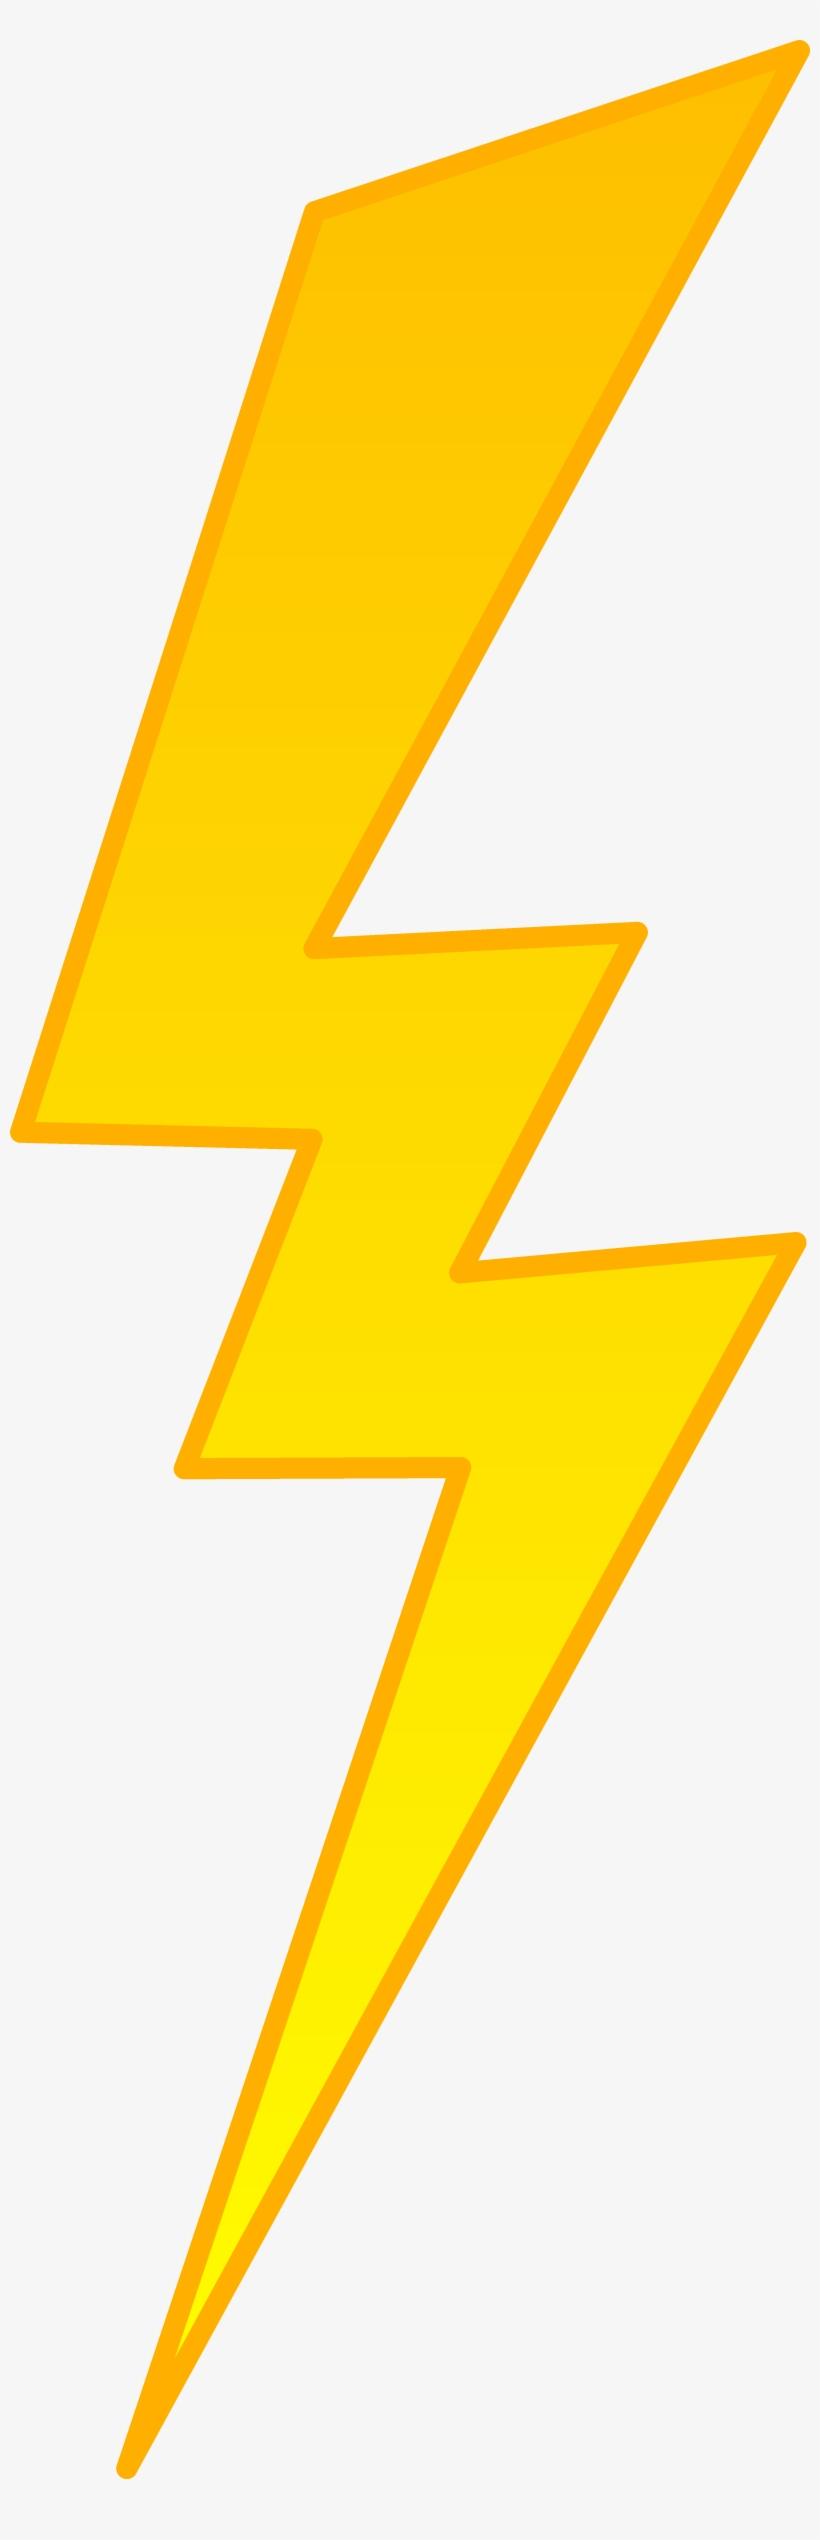 Cartoon Lightning Bolt Wallpaper : cartoon, lightning, wallpaper, Lightning, Cartoon, Strike, Image, Transparent, Download, SeekPNG